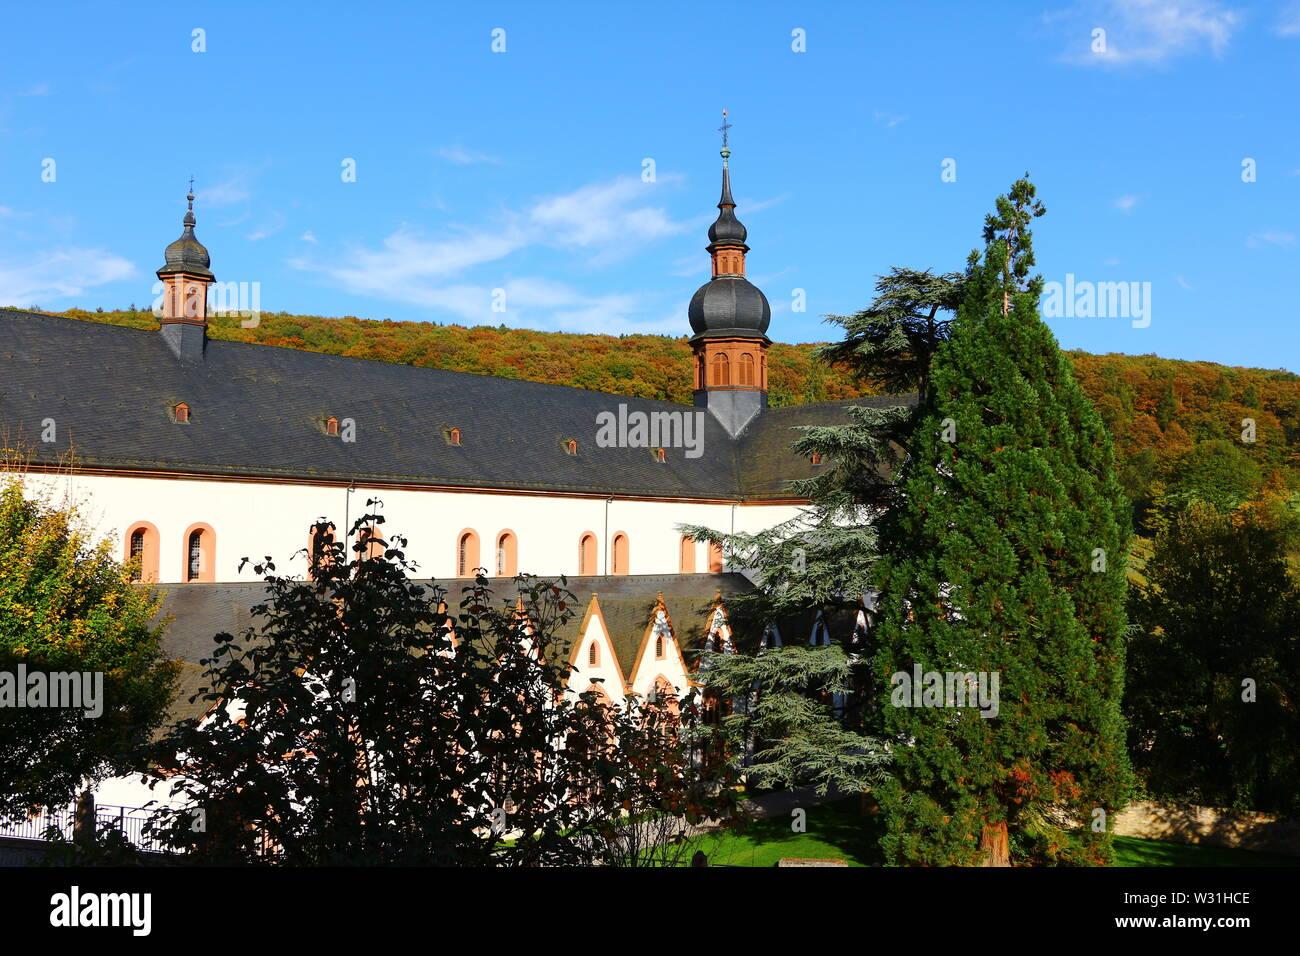 Kloster Eberbach in der Nähe von Eltville am Rhein im Rheingau in Hessen, in Deutschland - Stock Image